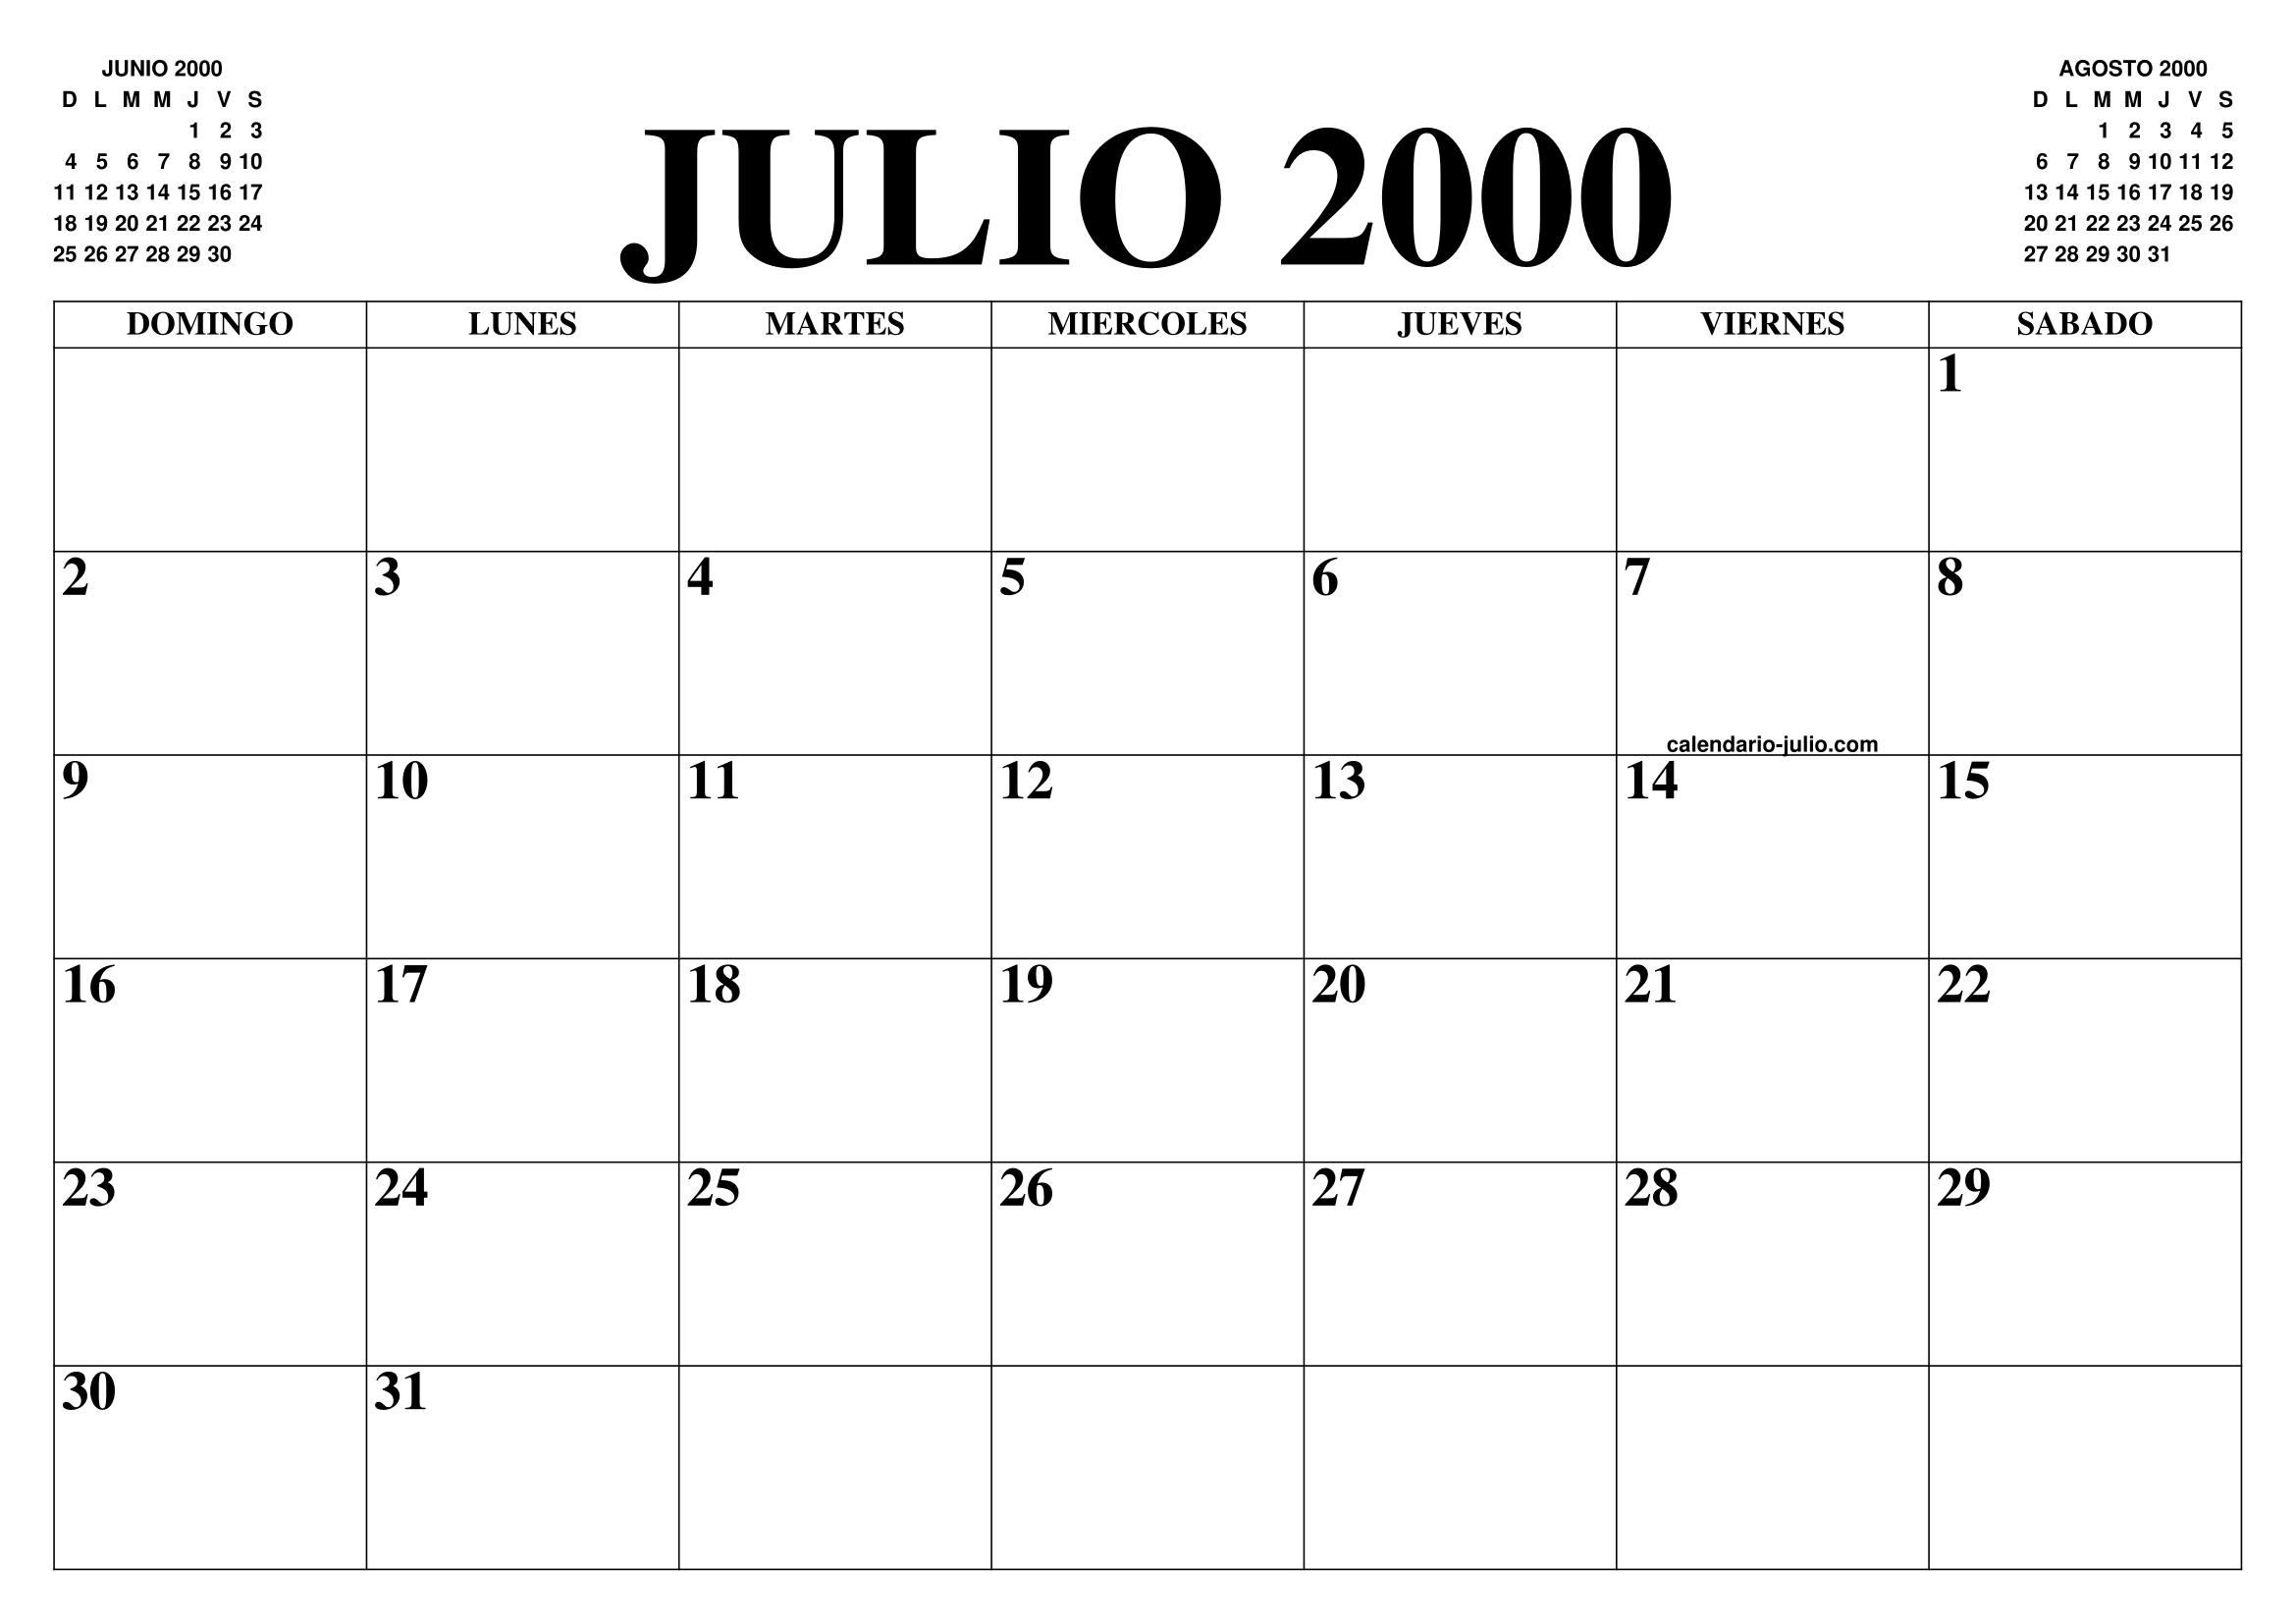 Calendario Julio Del 2000.Calendario Julio 2000 El Calendario Julio Para Imprimir